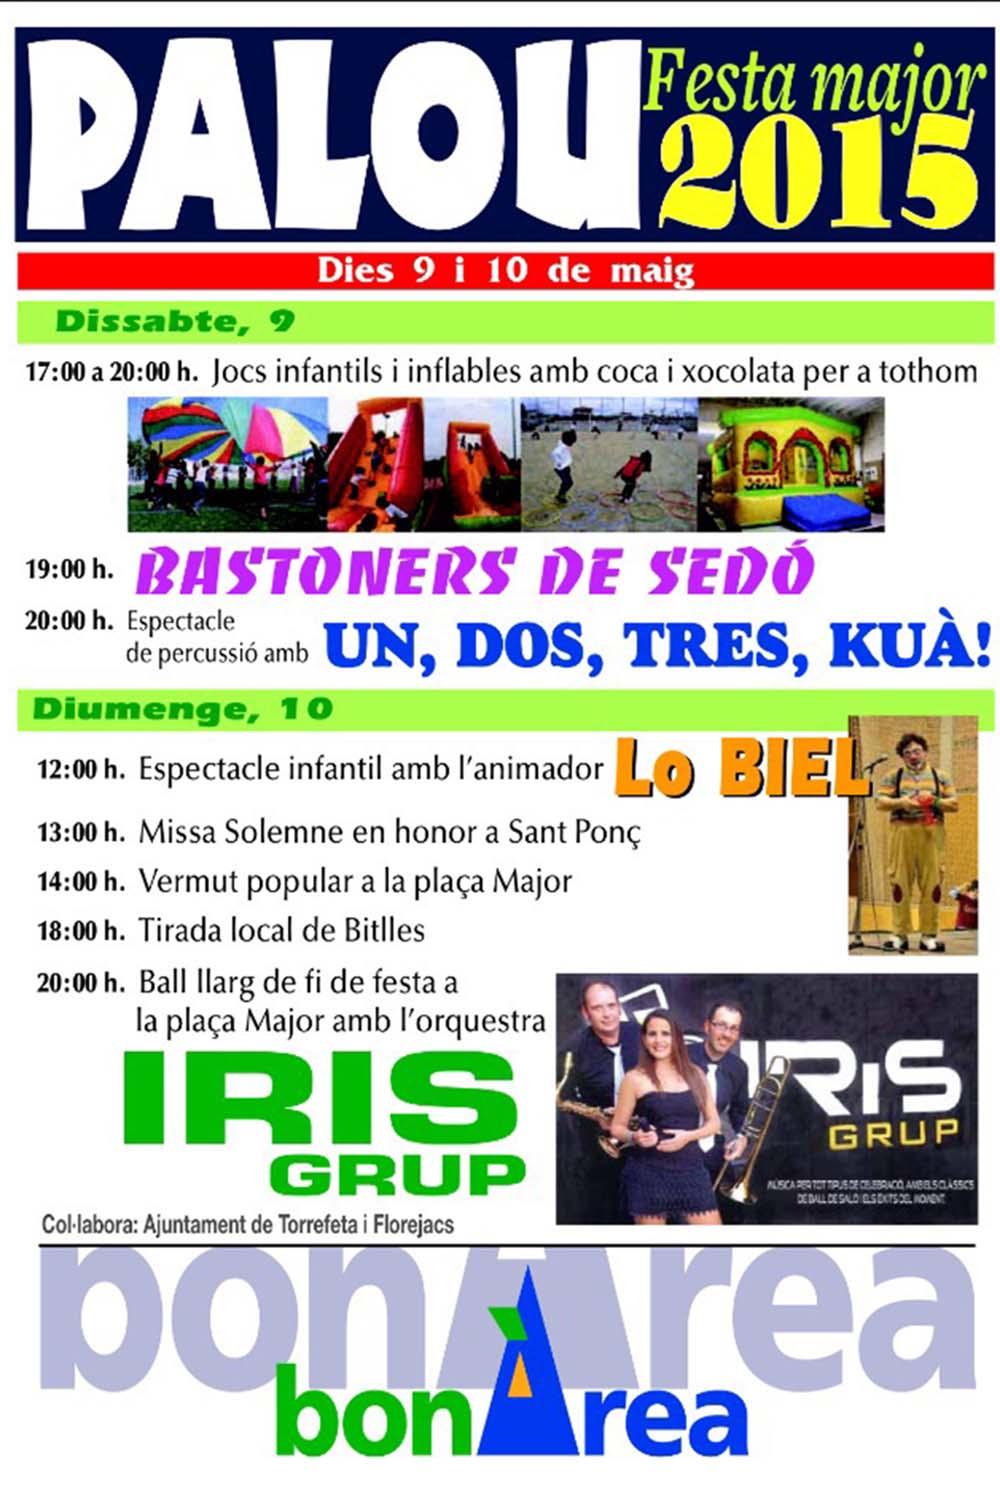 cartell Festa Major de Palou 2015